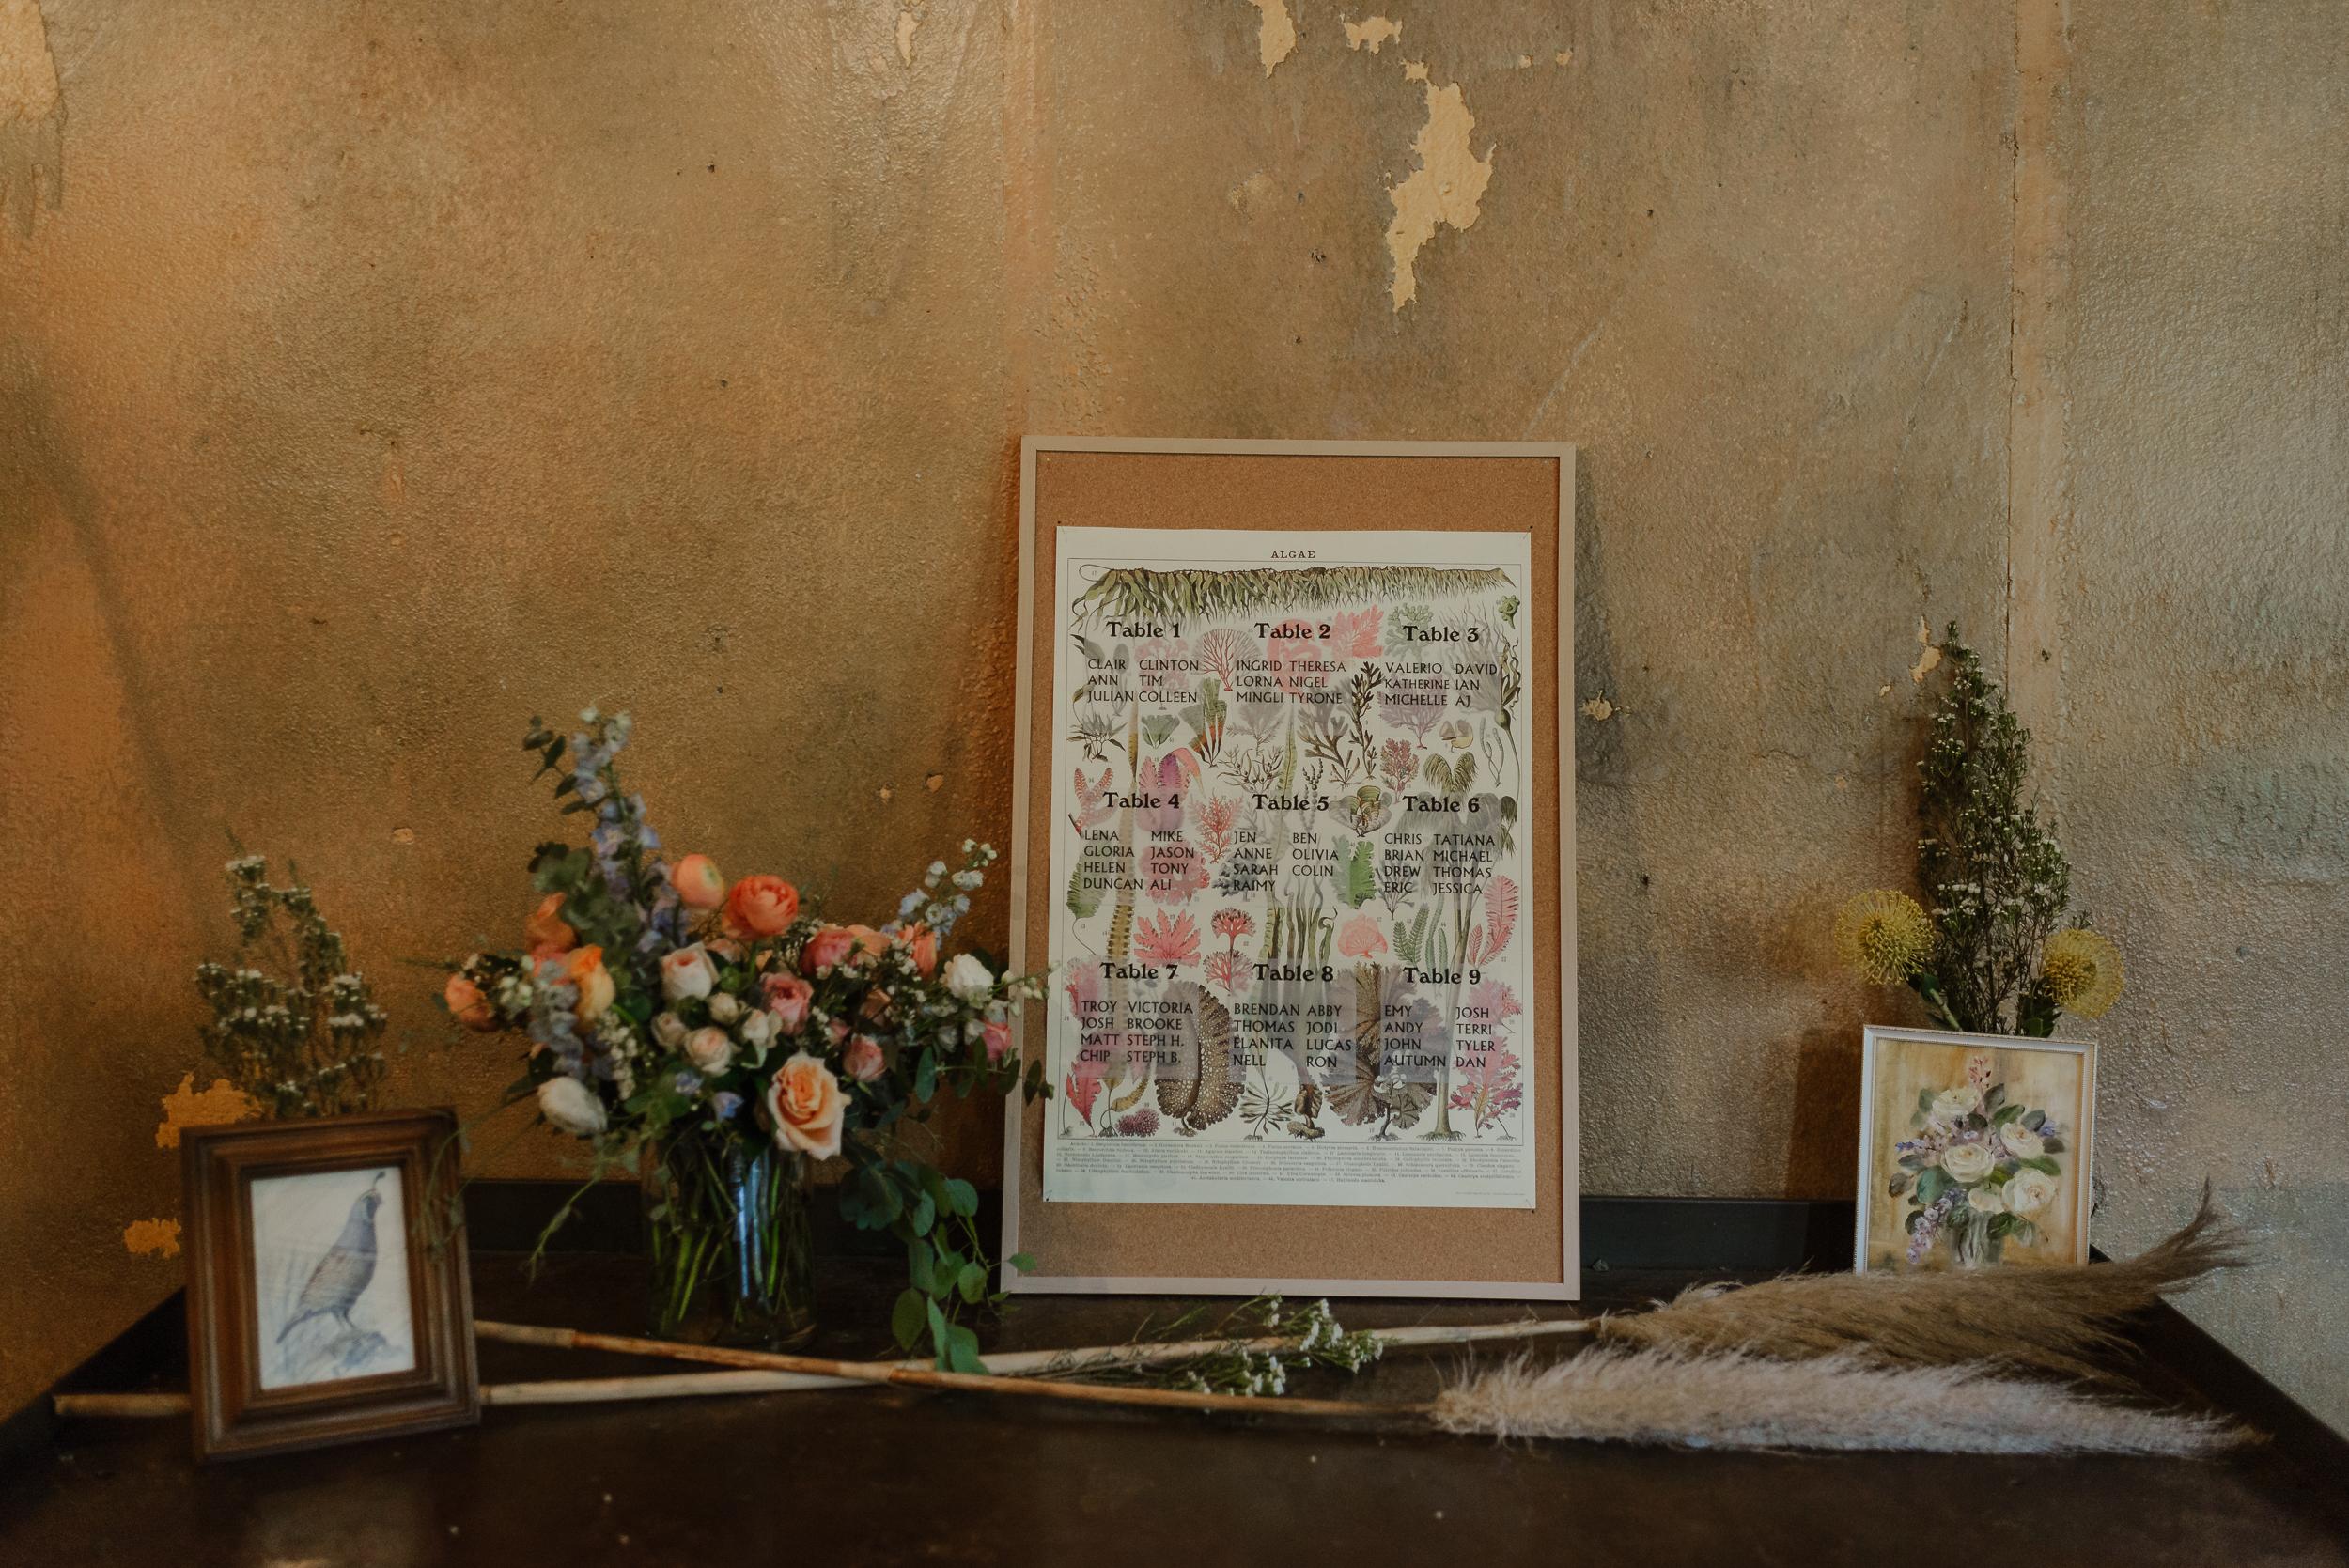 070-san-francisco-headlands-center-for-the-arts-wedding-vivianchen-022.jpg